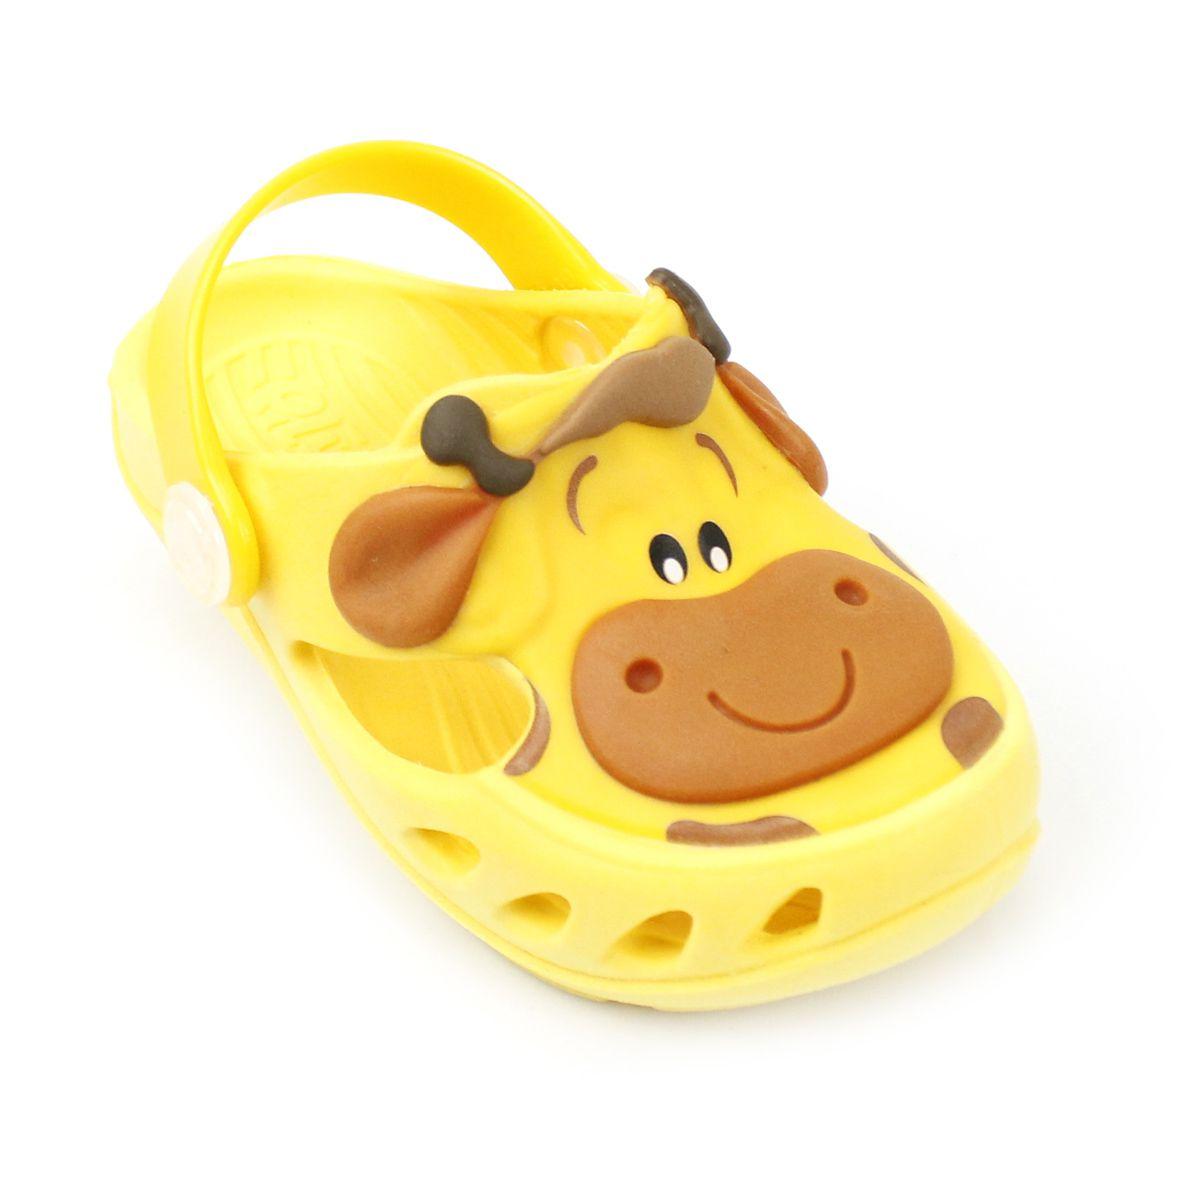 Babuche Plugt Mocs Bichinho Girafa Amarelo